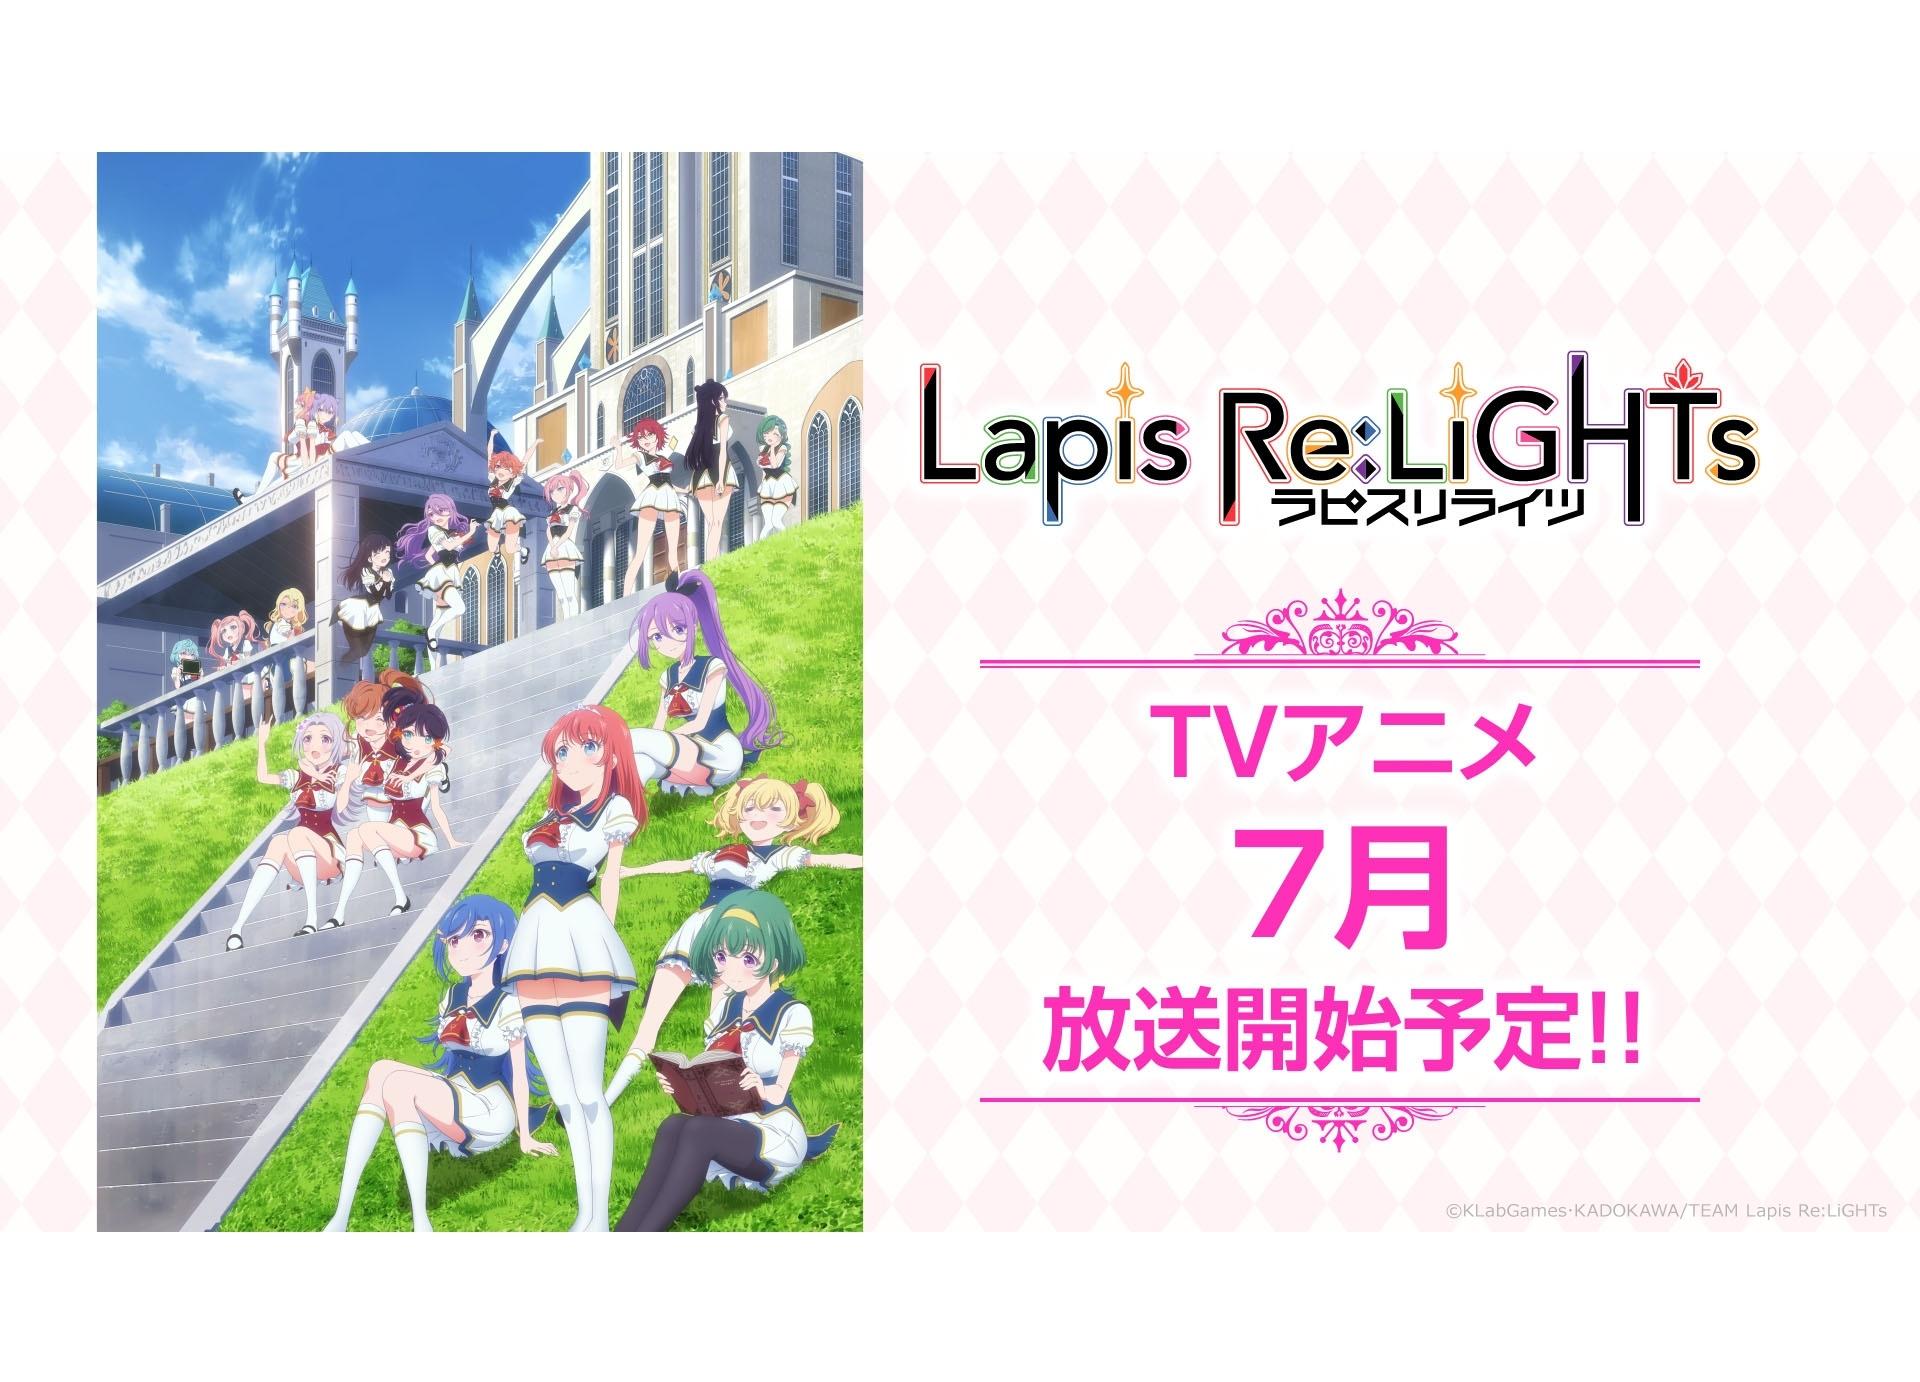 アニメ『ラピスリライツ』2020年7月放送開始/主題歌両A面シングル発売決定